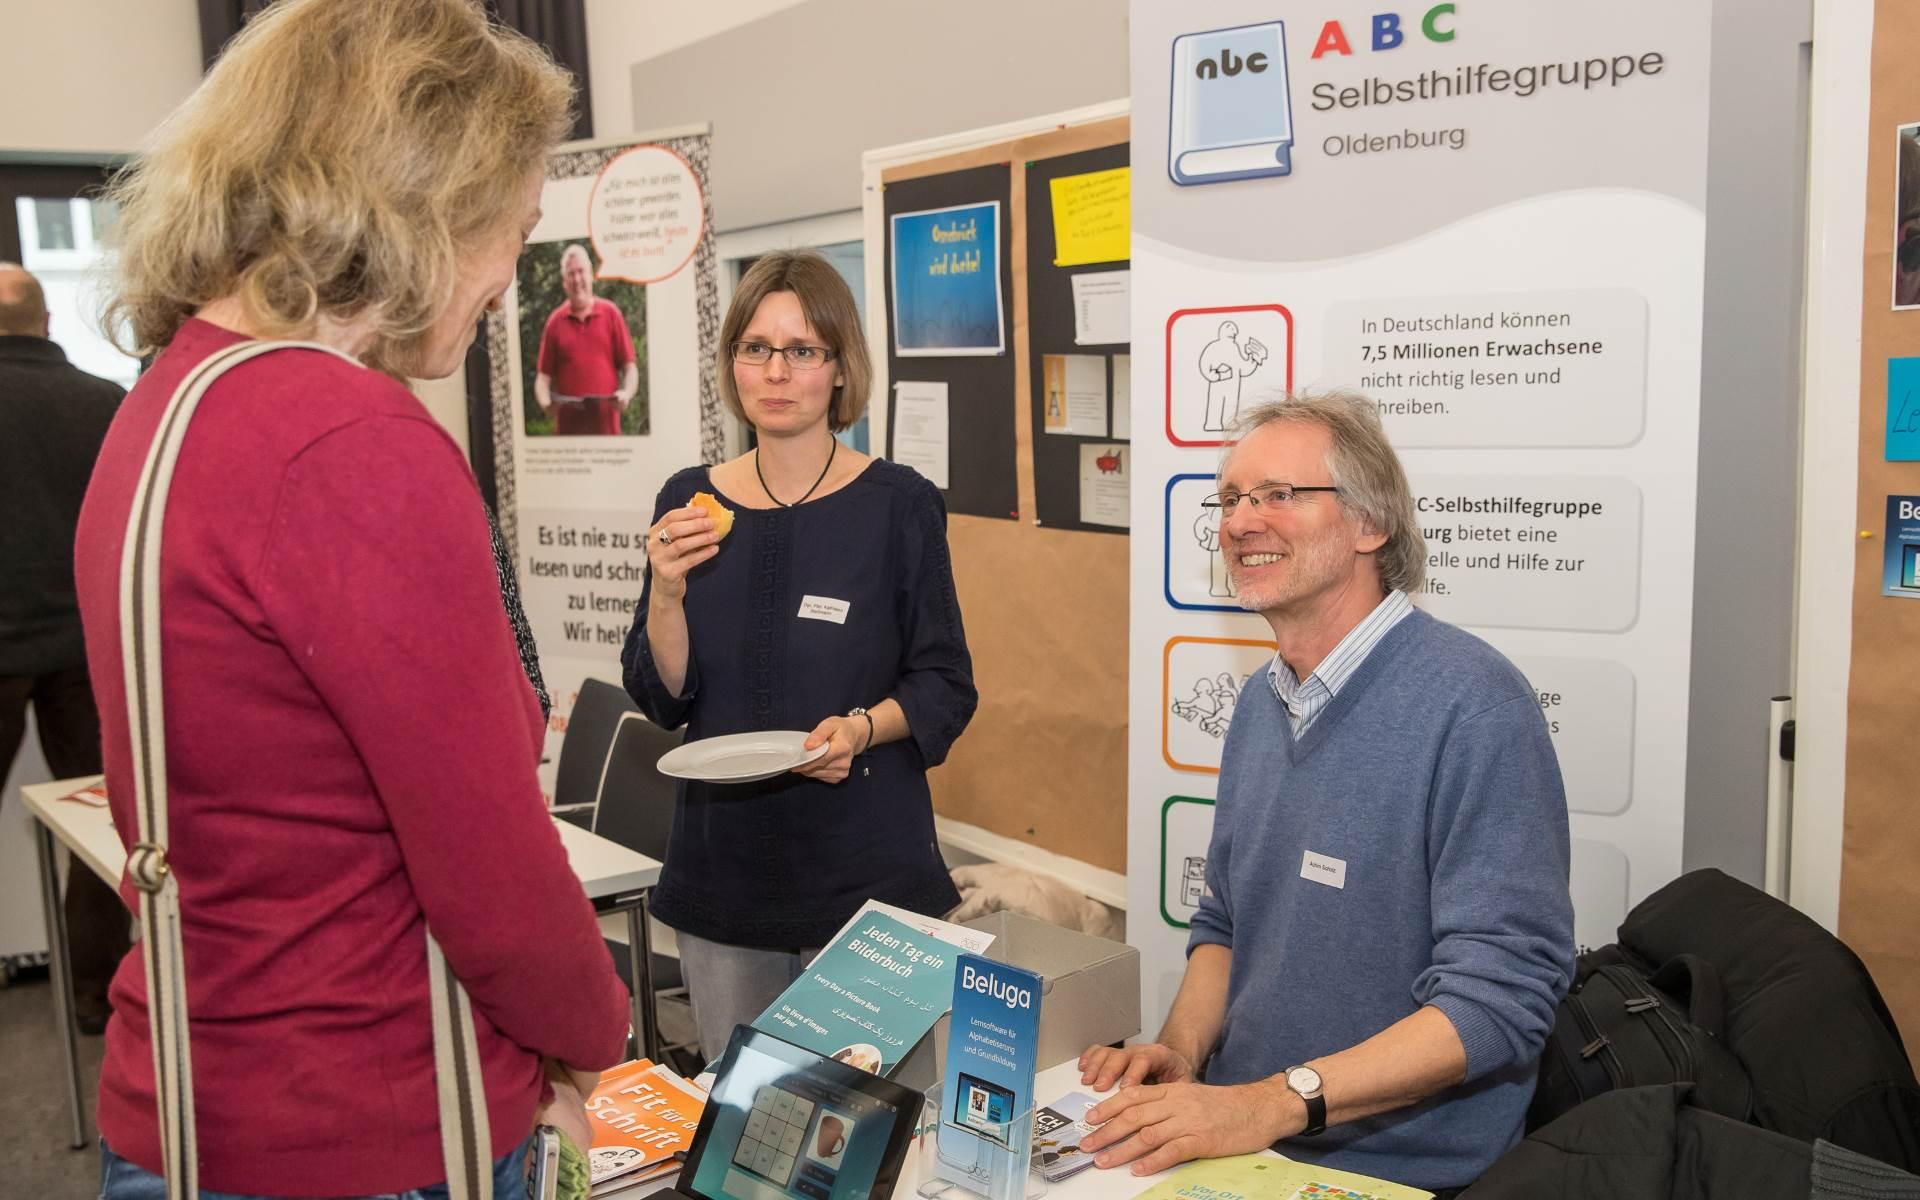 Kathleen Bleßmann und Achim Scholz am Infostand des RGZ Oldenburg | Foto: Axel Herzig